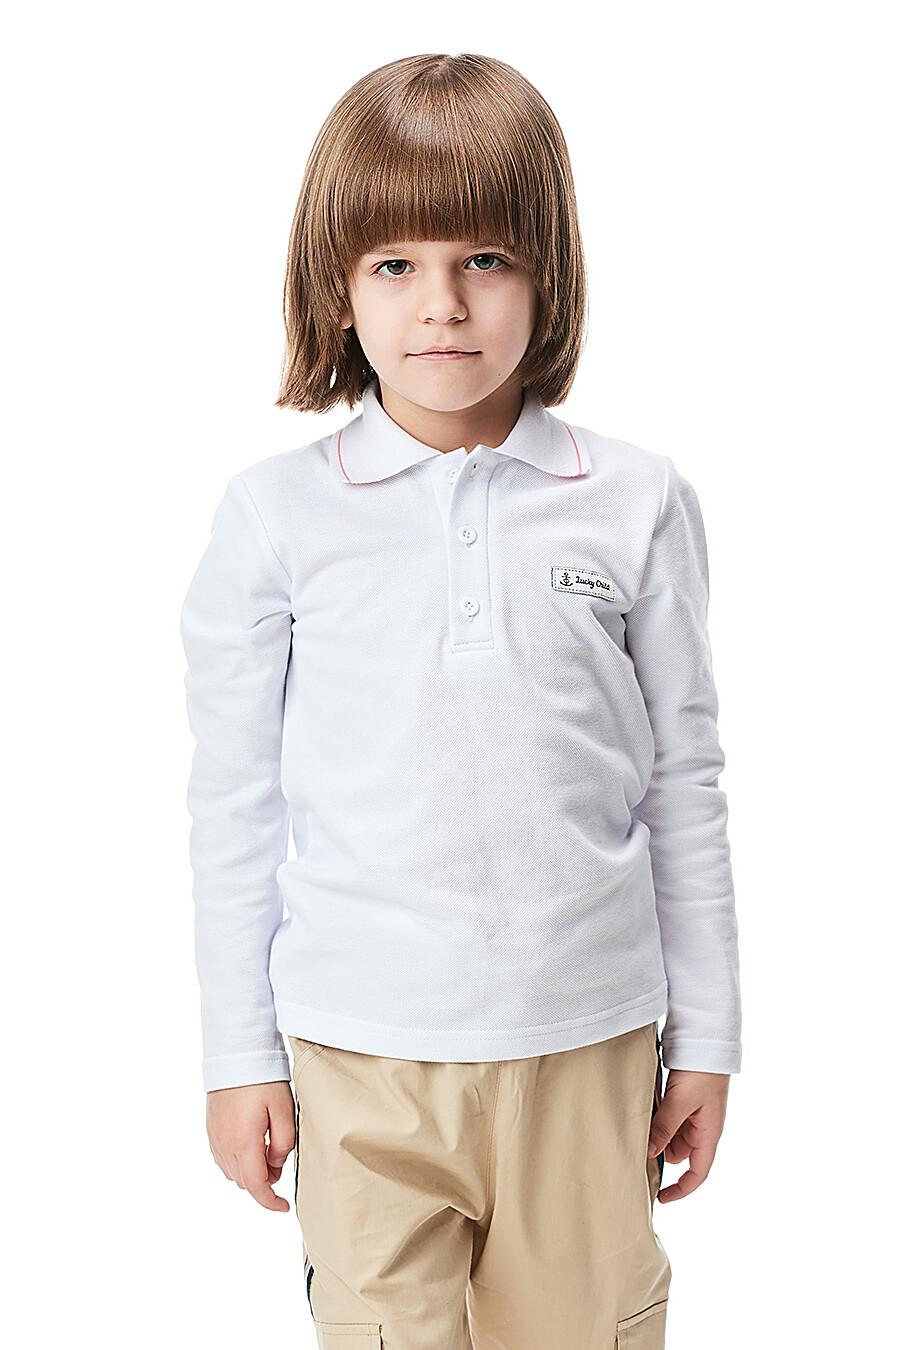 Джемпер для мальчиков LUCKY CHILD 184399 купить оптом от производителя. Совместная покупка детской одежды в OptMoyo